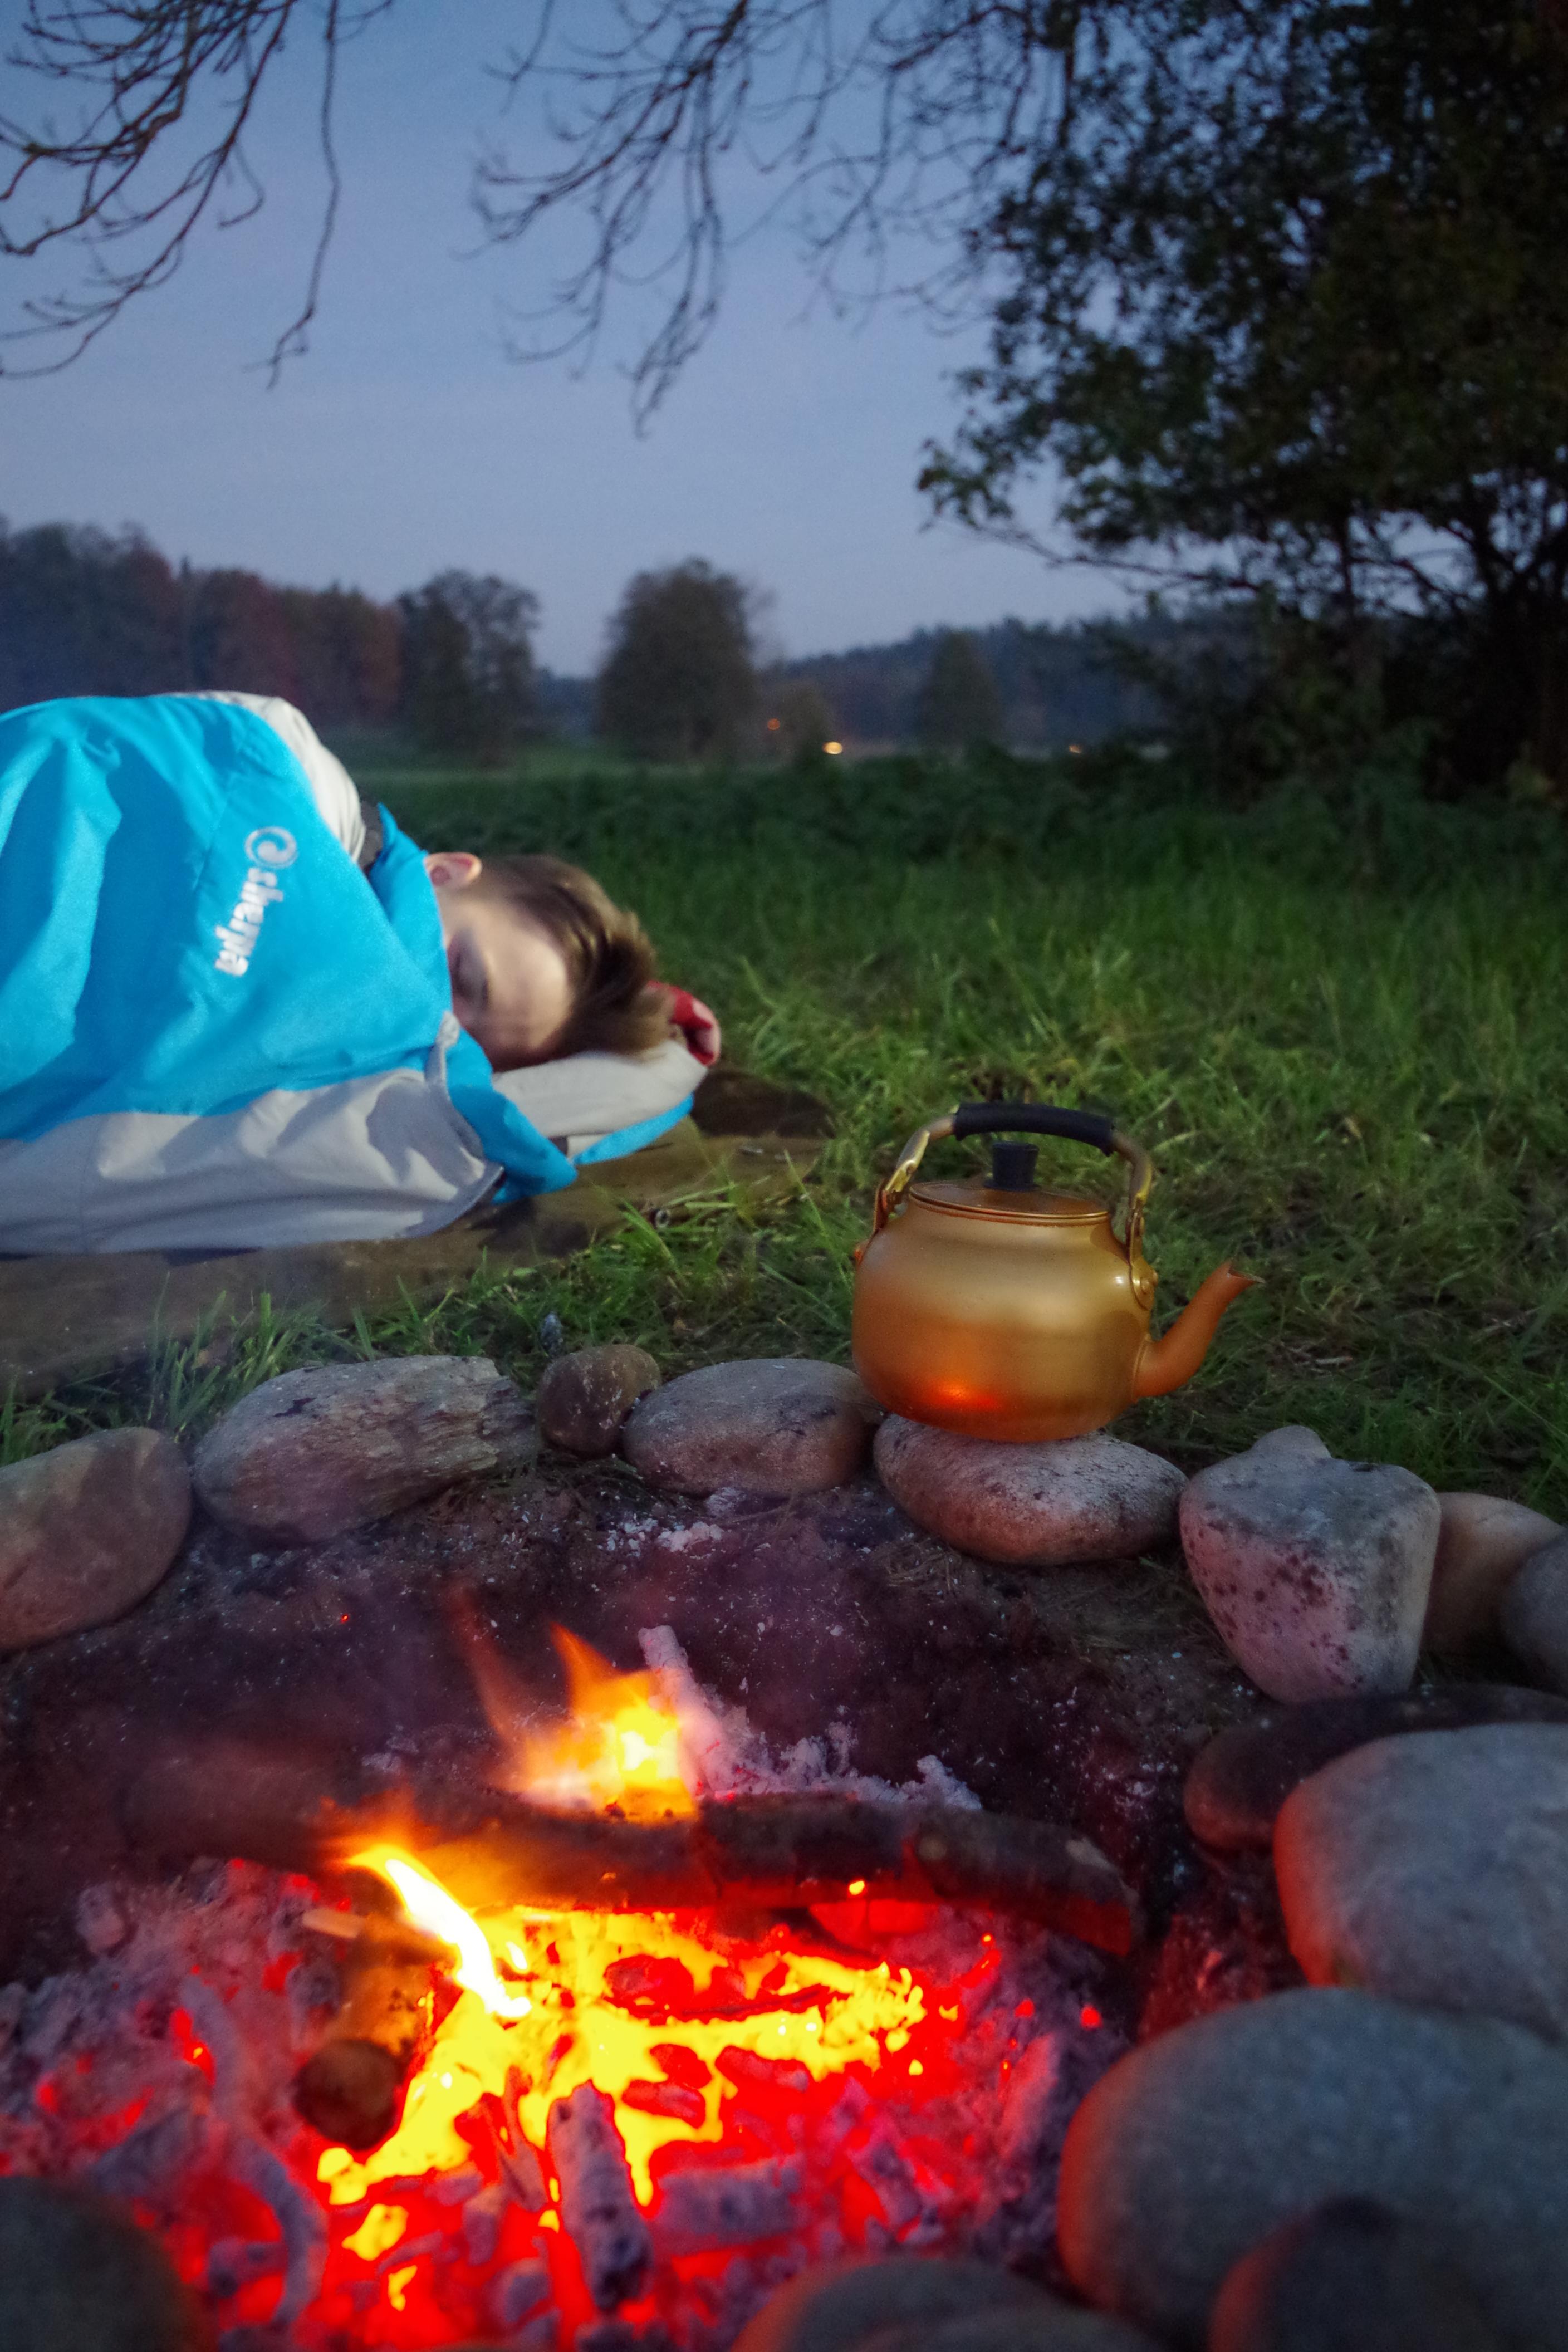 Es gibt unzählige richtige Schlafplätze. Mit einer Checkliste für den idealen Schlafplatz finden Anfänger, Fortgeschritten und Profis den Platz für eine Übernachtung im Freien.